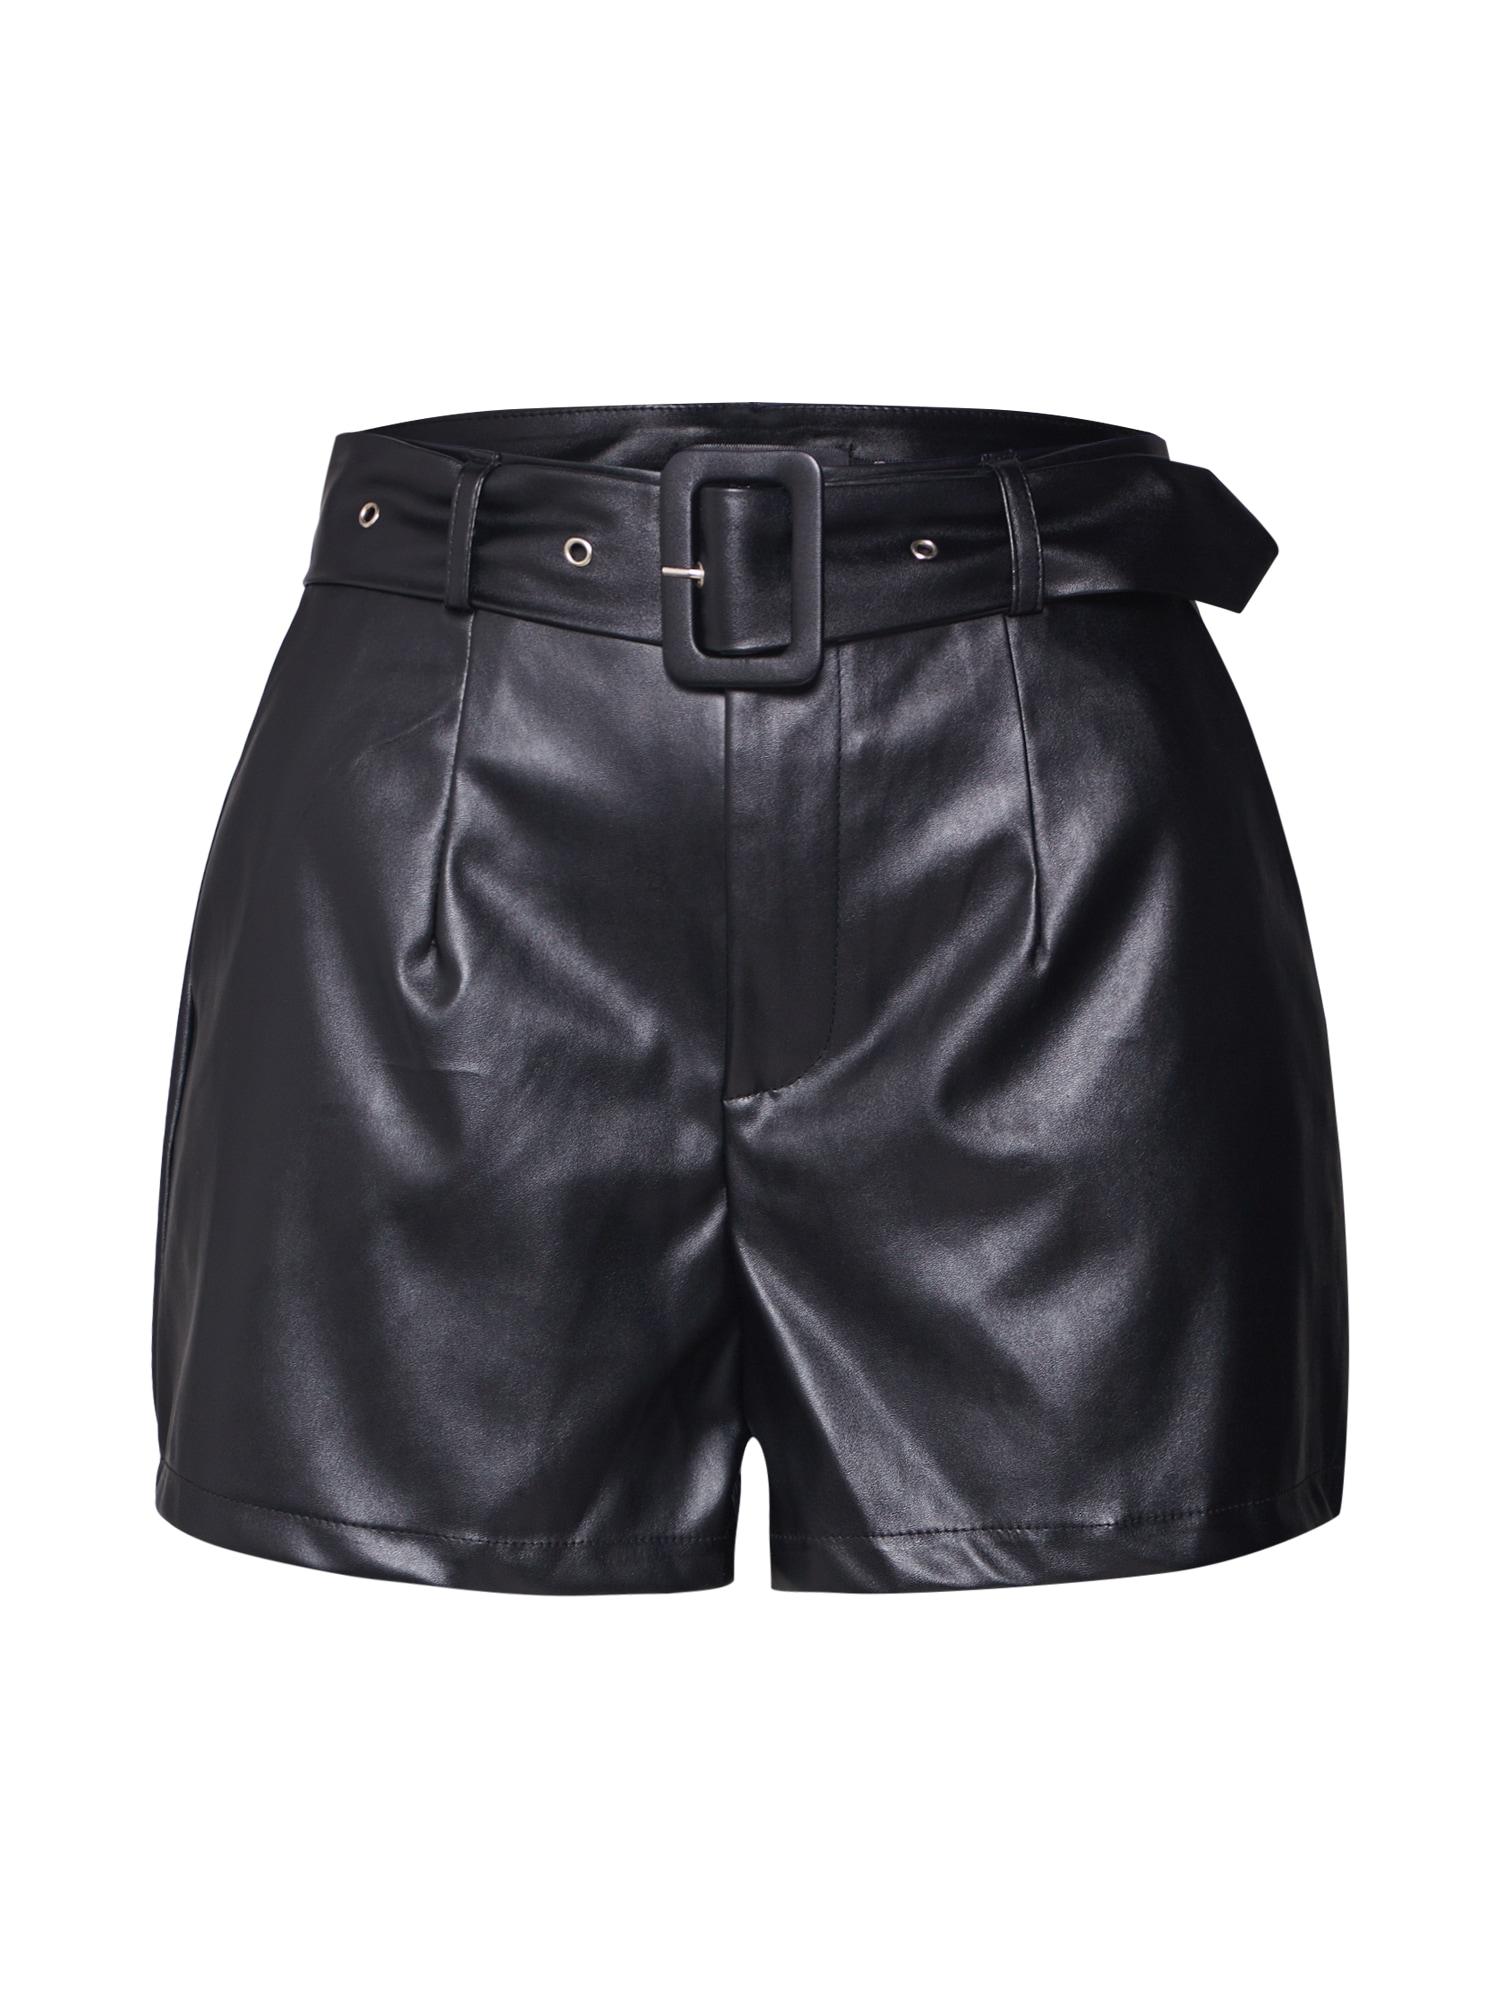 Kunstlederhose | Bekleidung > Hosen > Lederhosen & Kunstlederhosen | Schwarz | Missguided